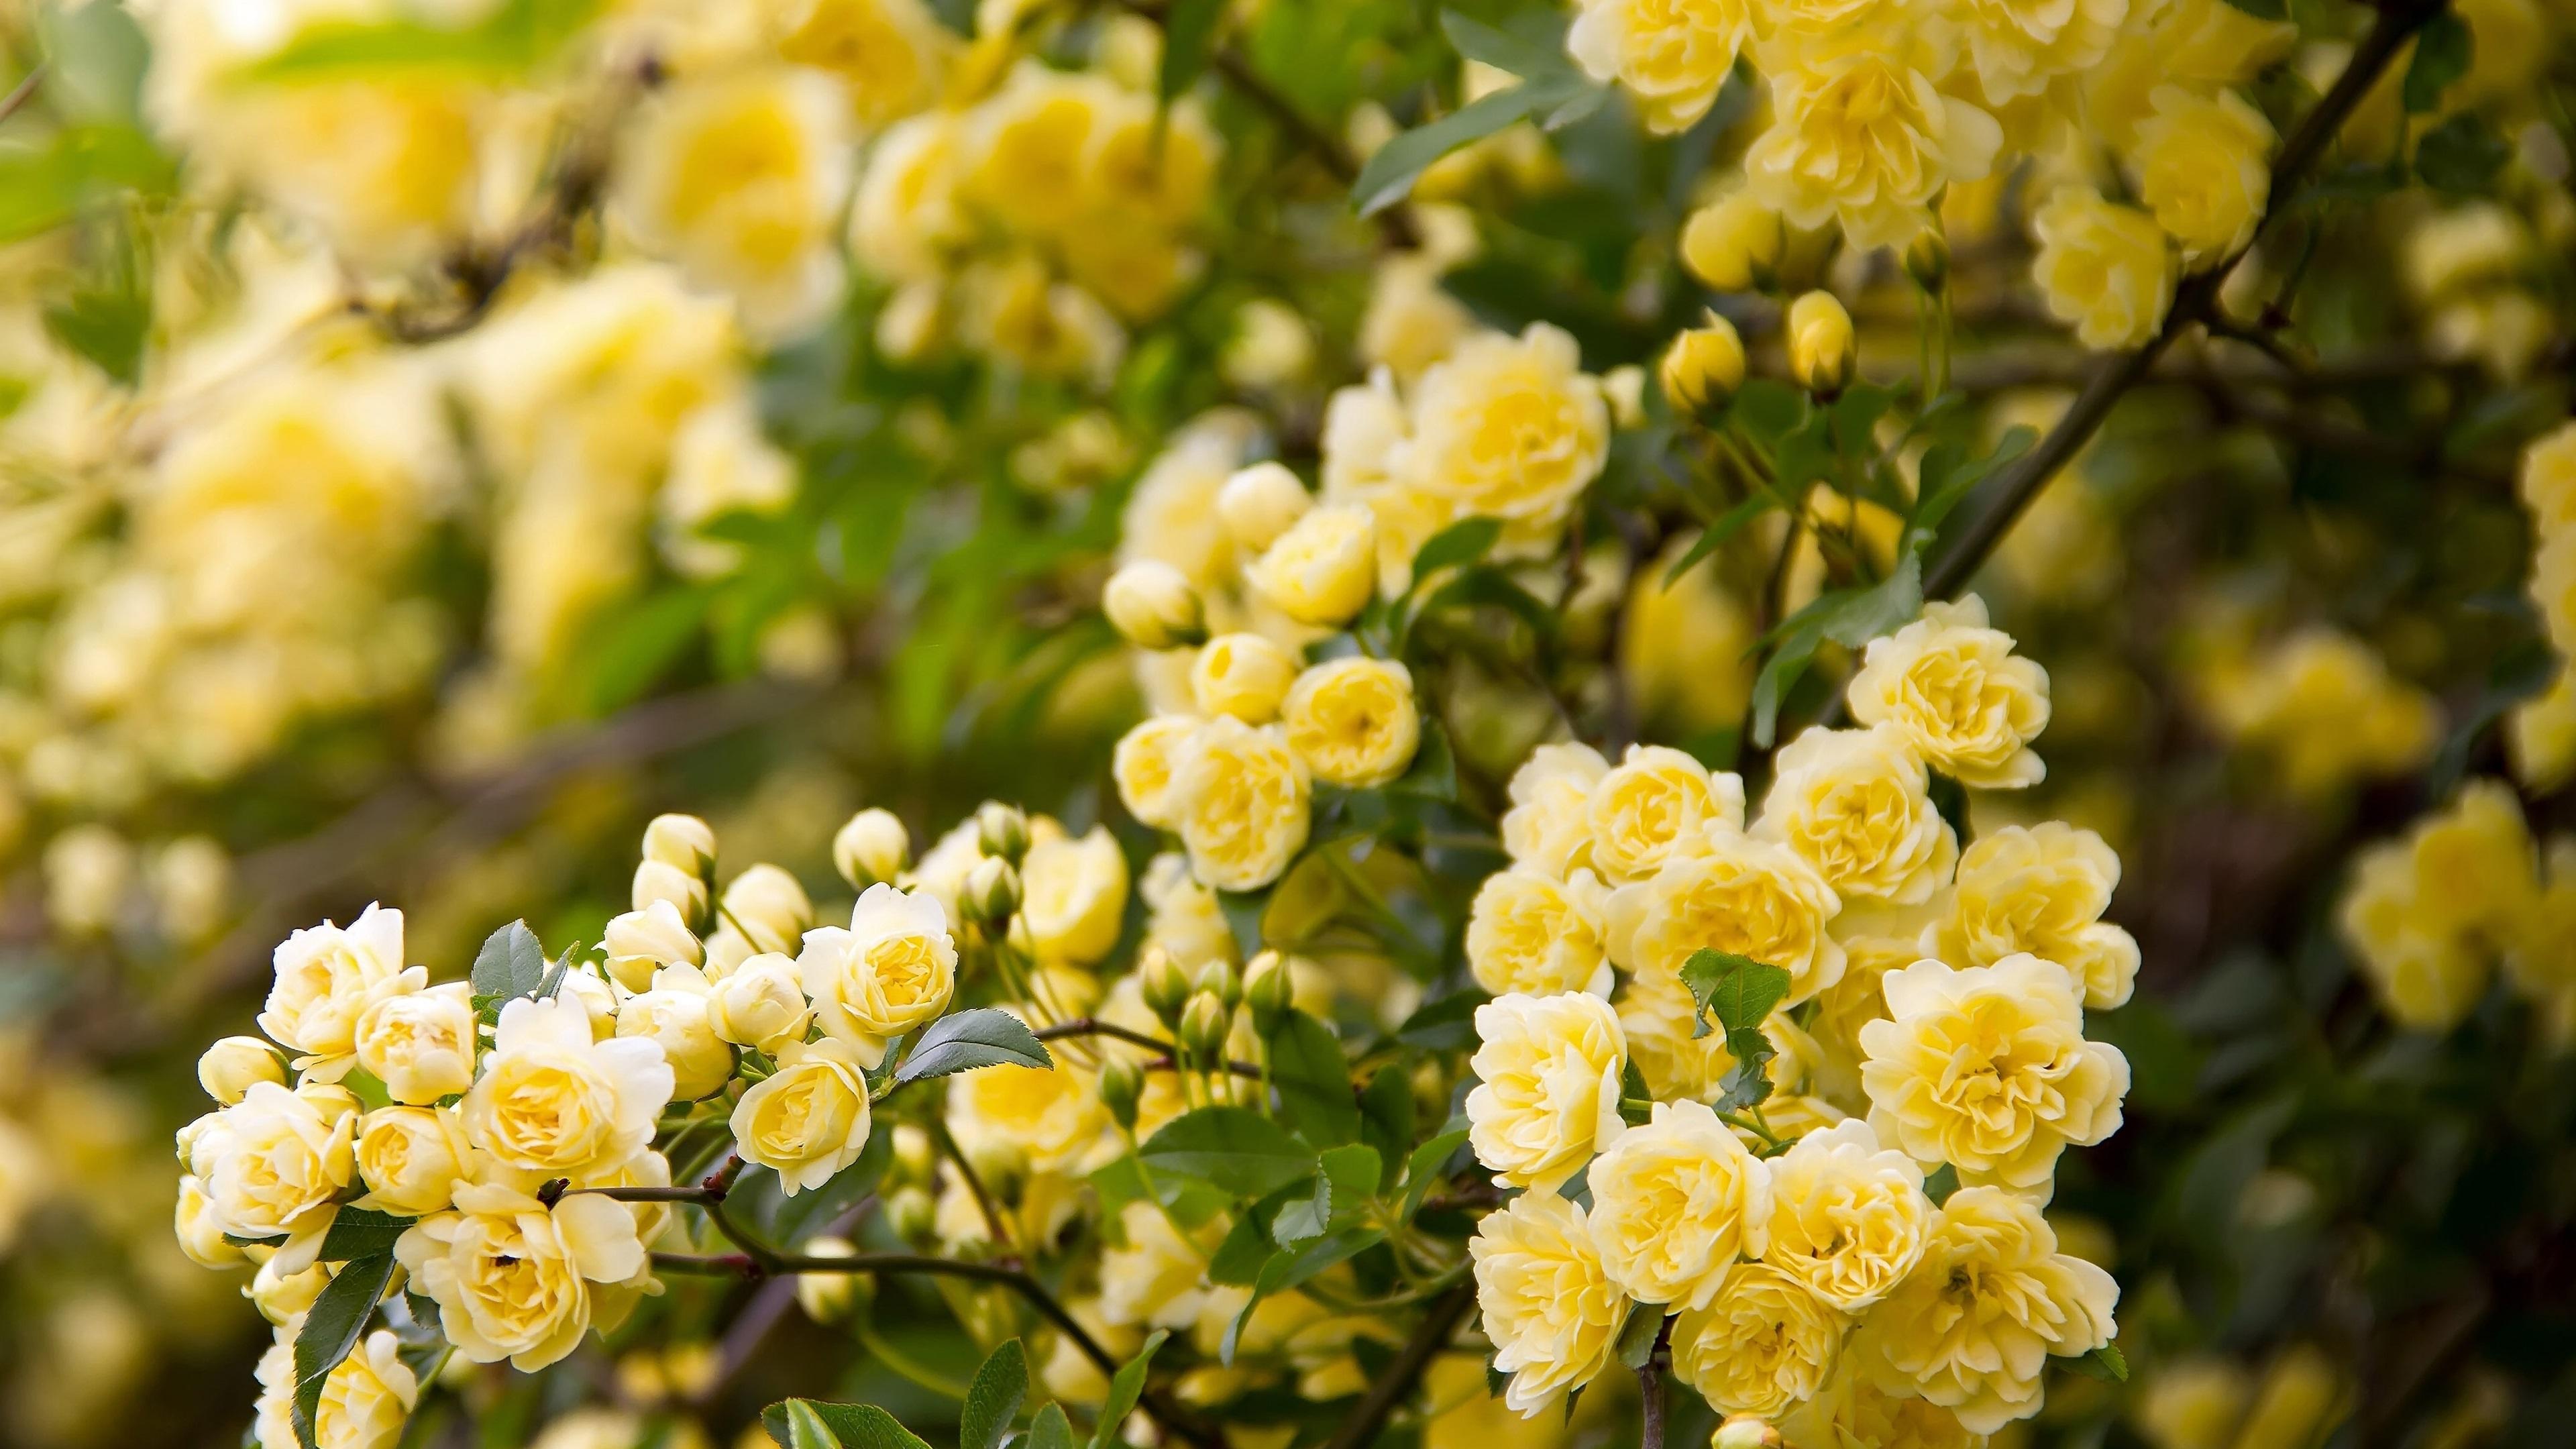 壁纸 黄玫瑰花,花园 3840x2160 UHD 4K 高清壁纸, 图片, 照片